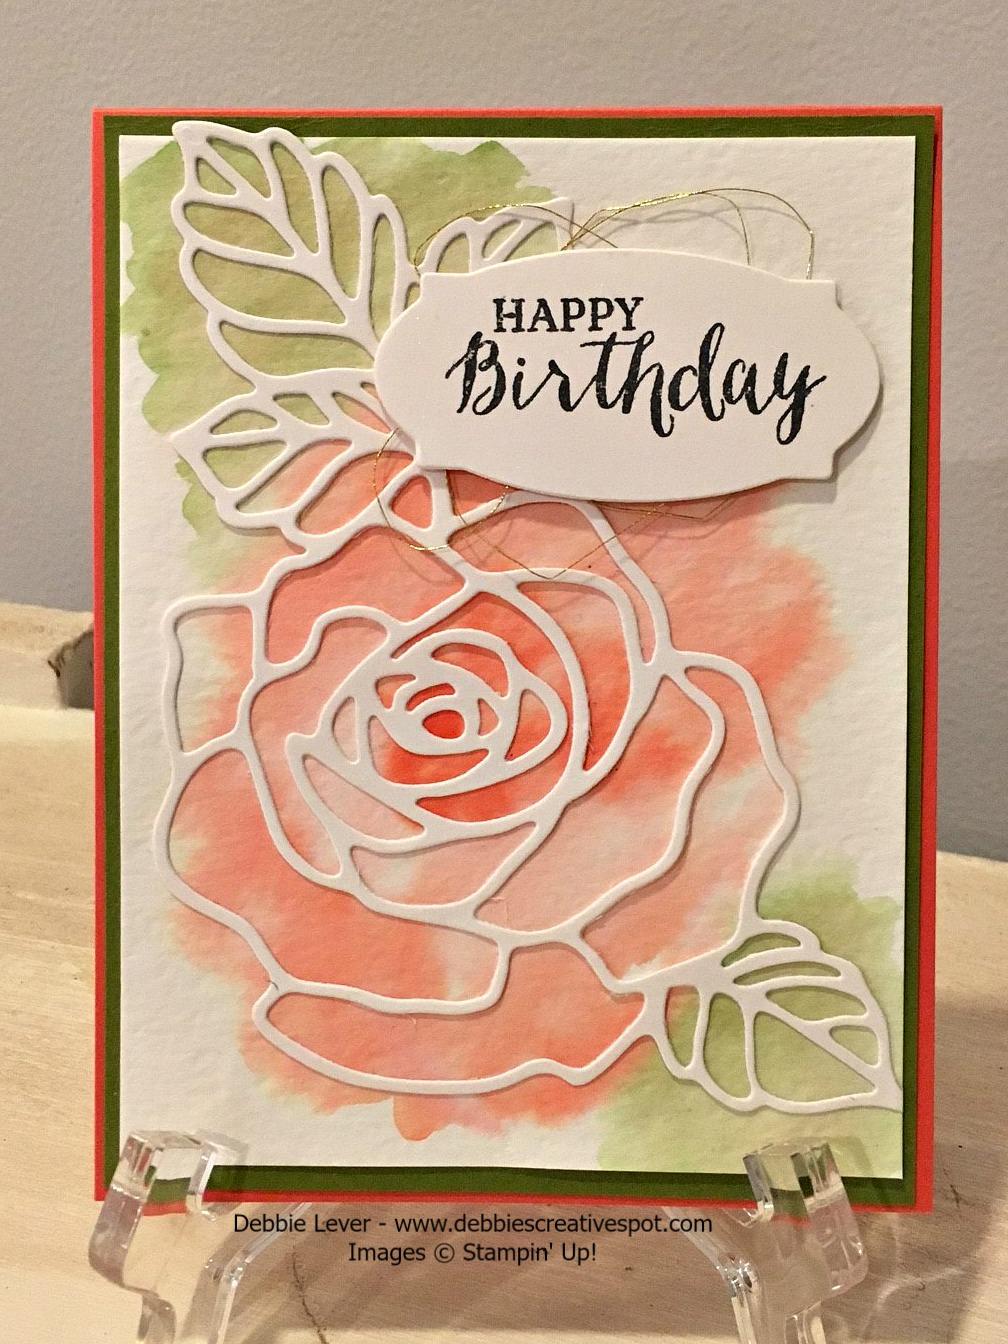 debbie's creative spot rose wonder birthday card weekly